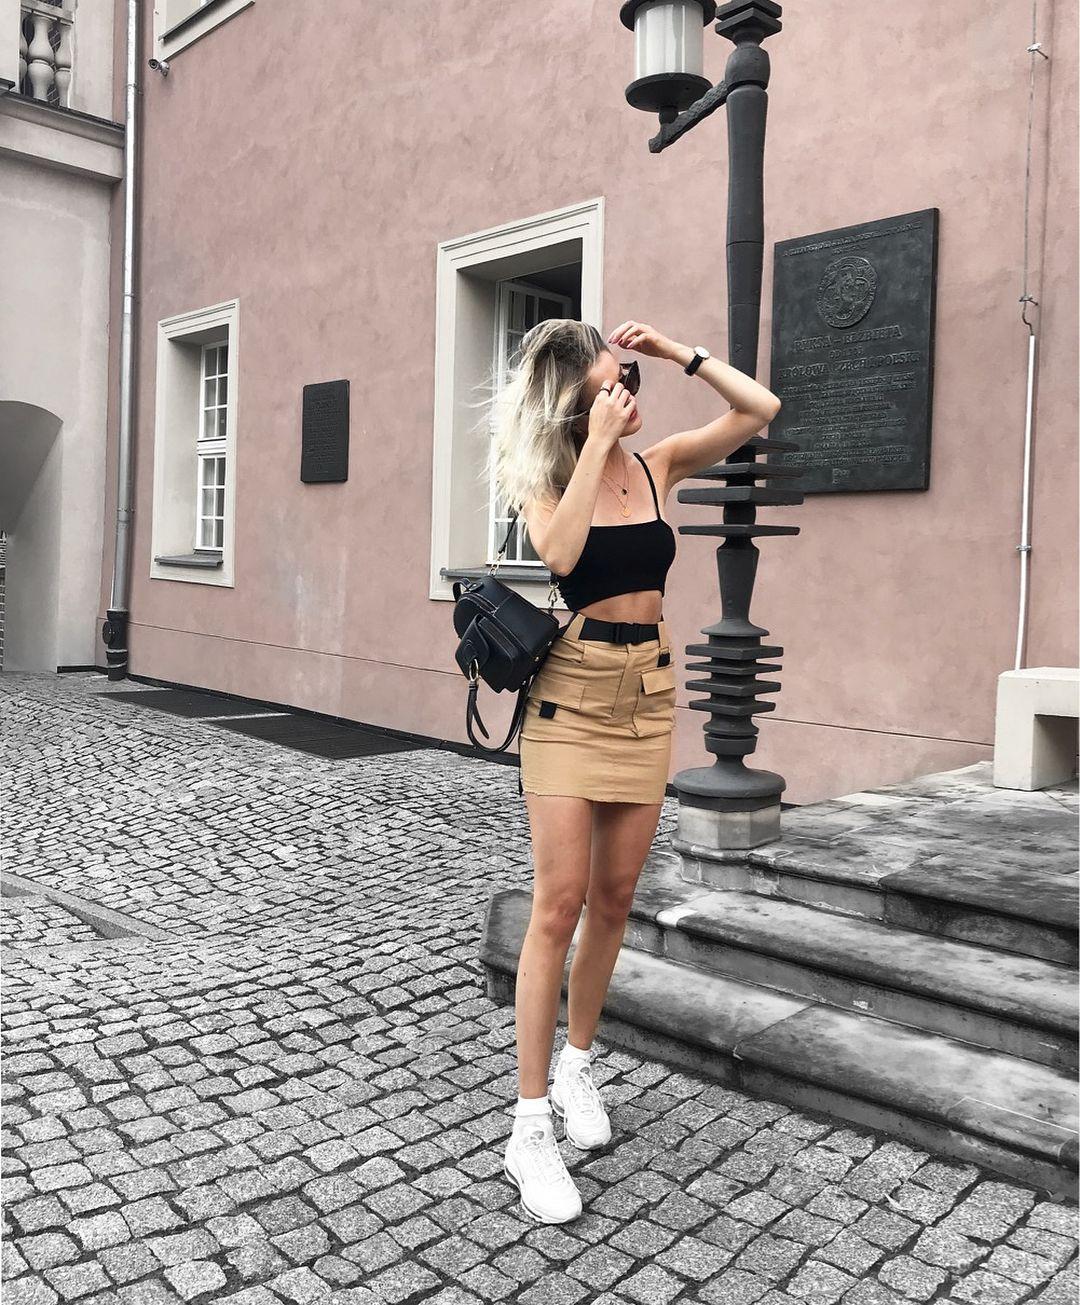 Pin De Eduarda Oliveira En Ideias De Foto En 2020 Ropa De Moda Moda De Ropa Ropa Tumblr